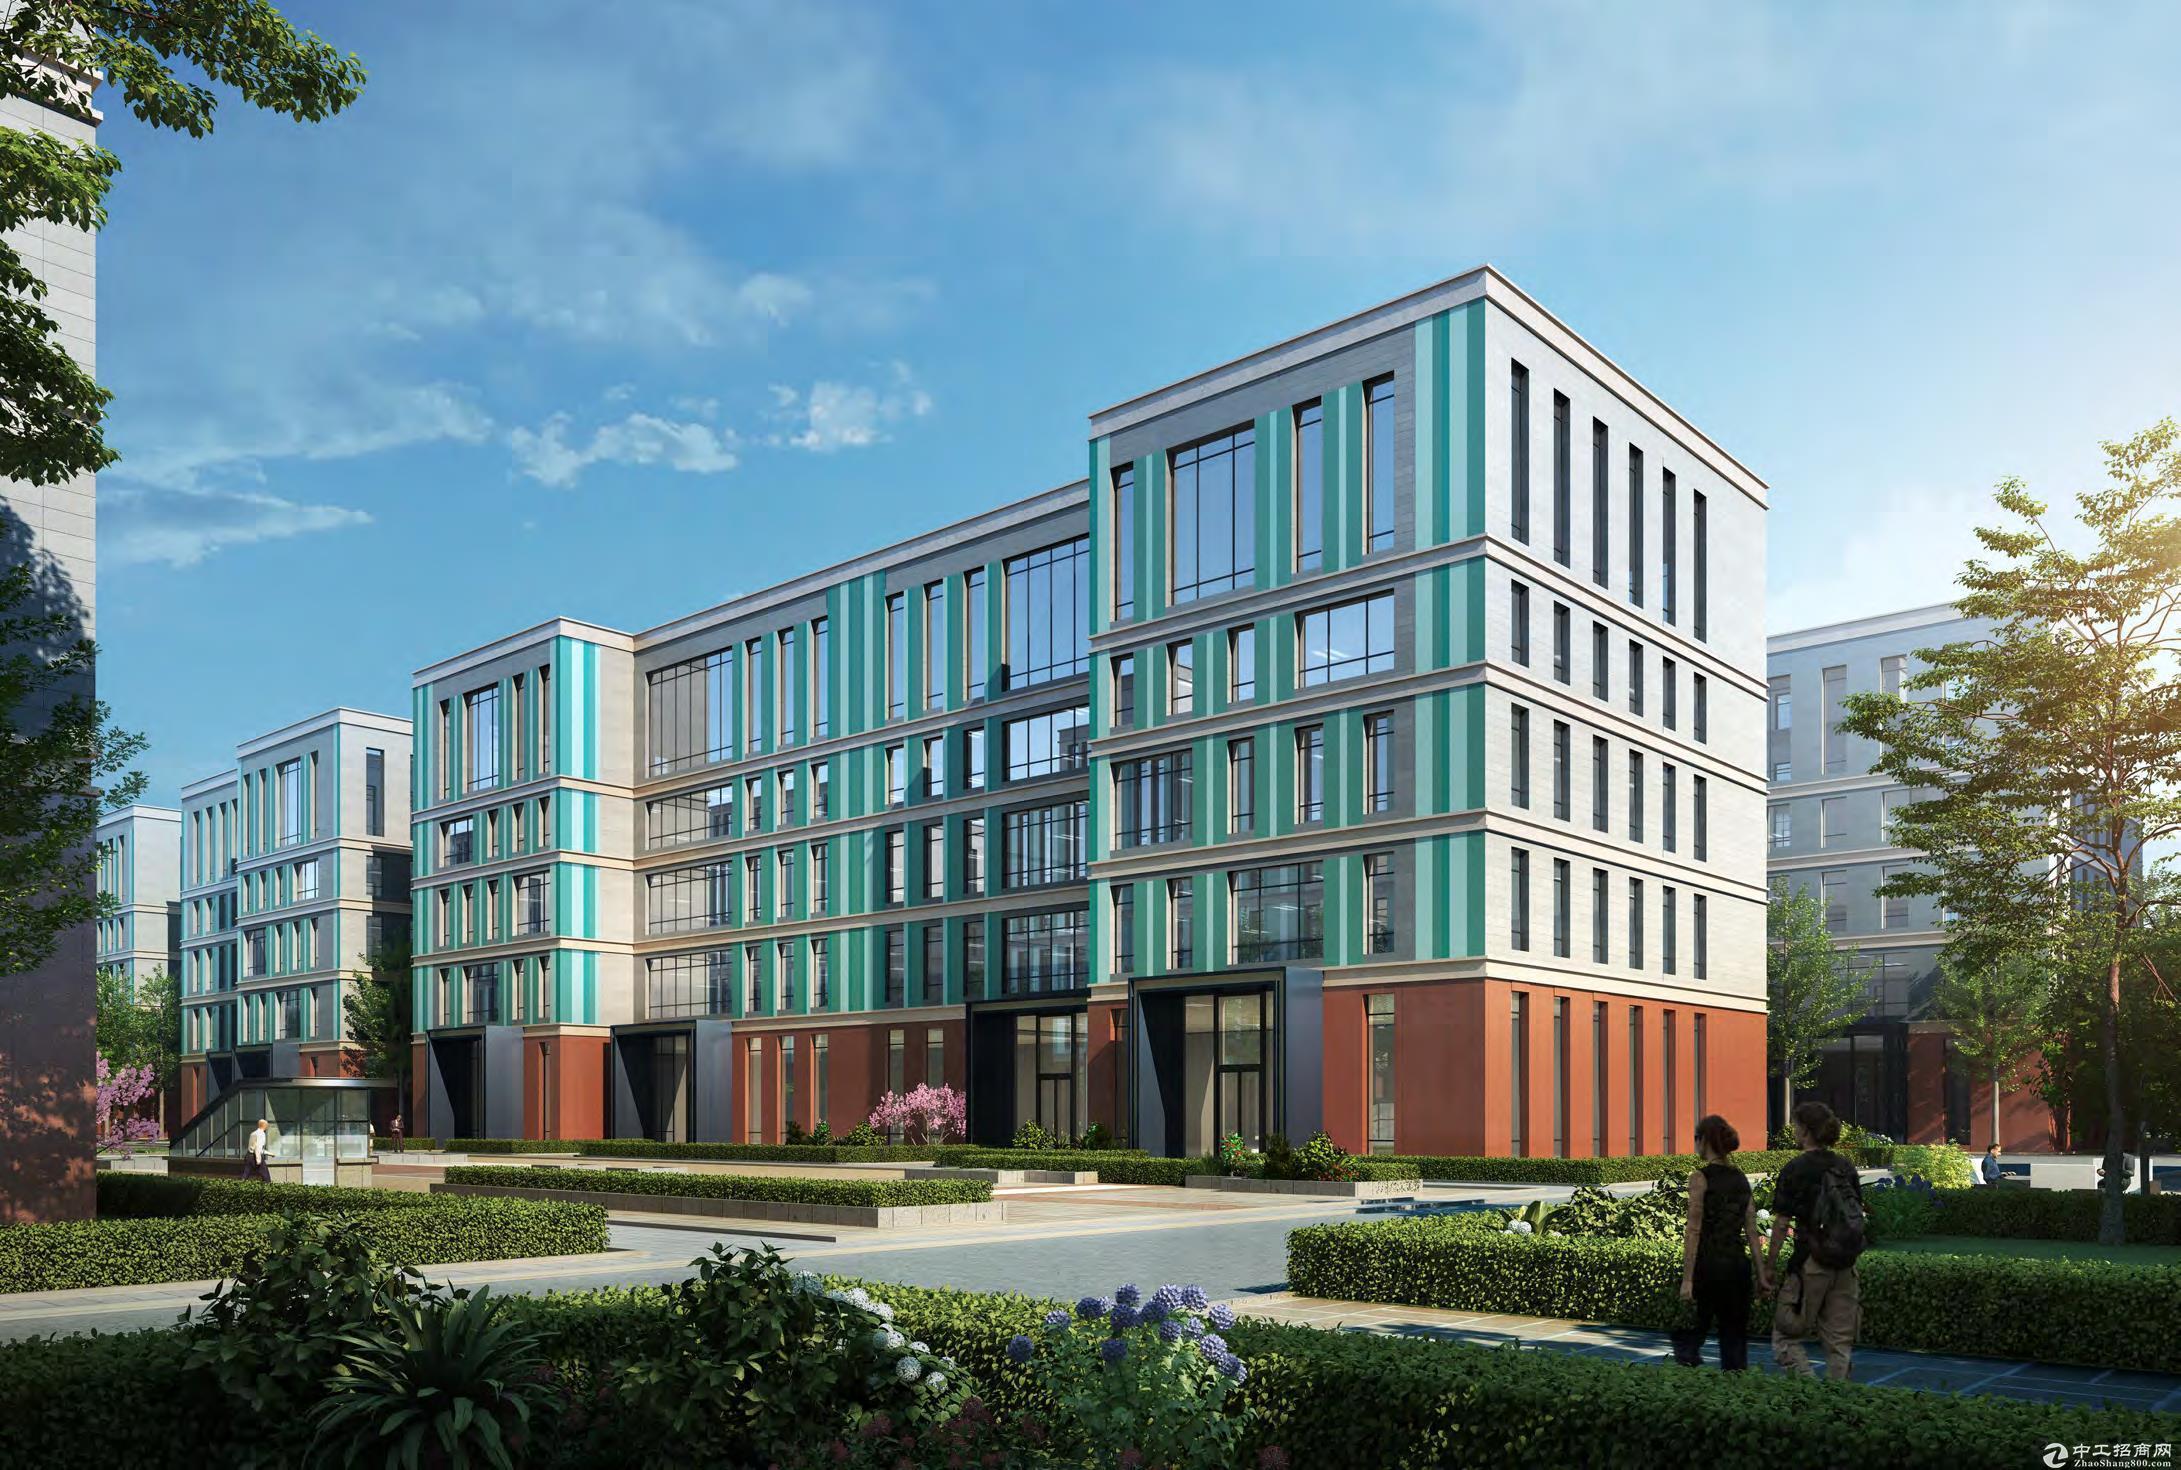 (租)300至4000平米可分 高新产业园区 有房本-图2